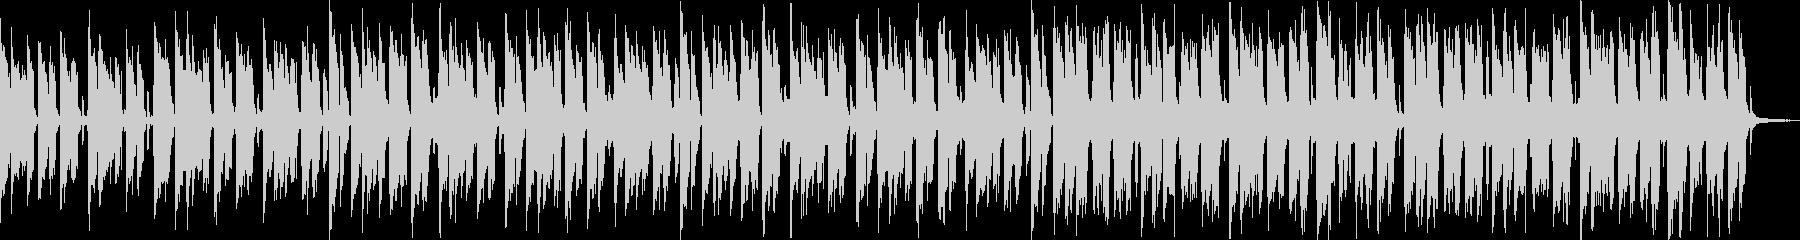 【おしゃれカフェBGM】ボサノバの未再生の波形